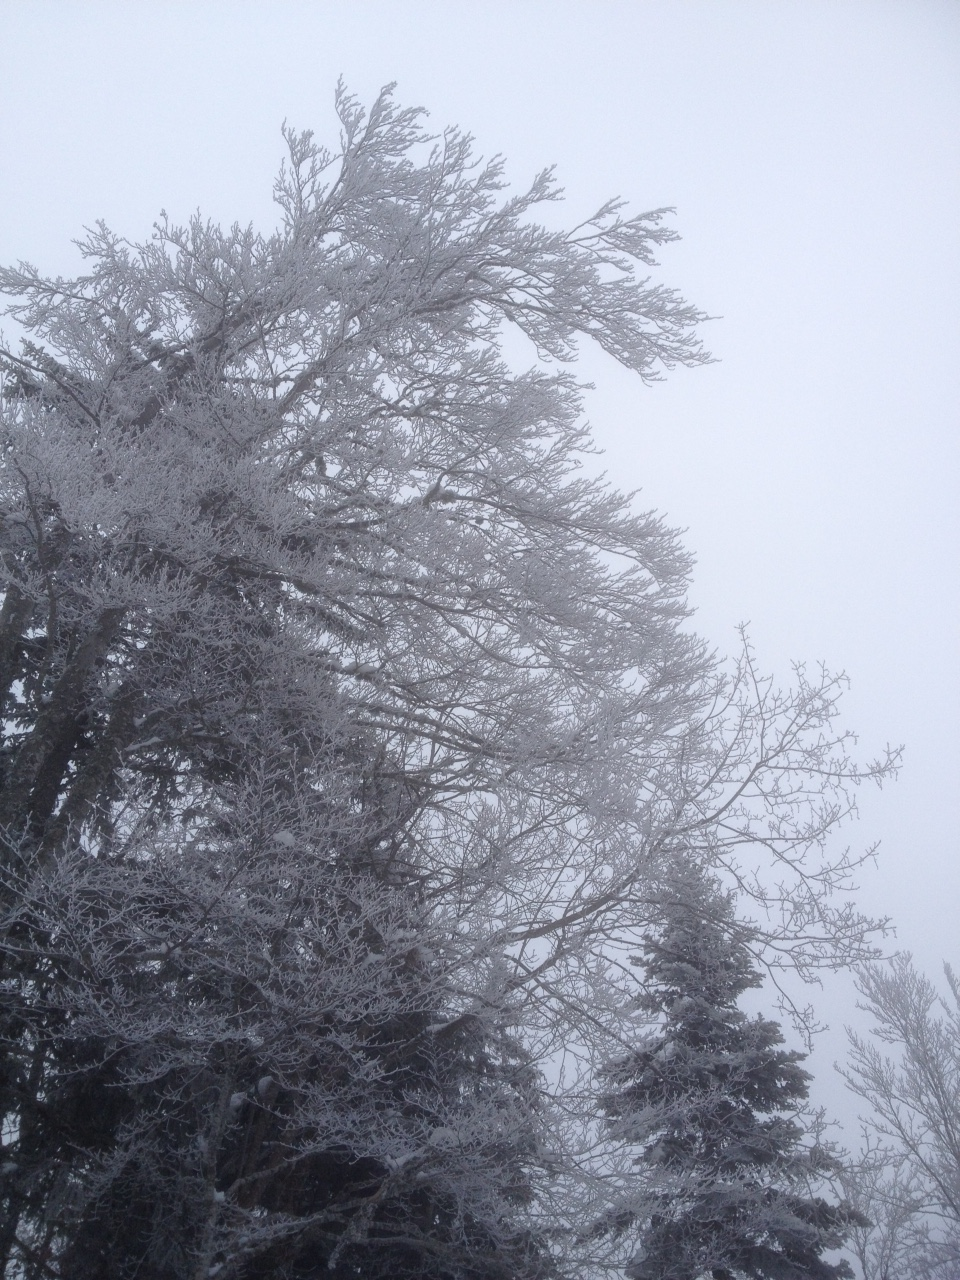 Branche de hêtre givrée sur fond de ciel gris